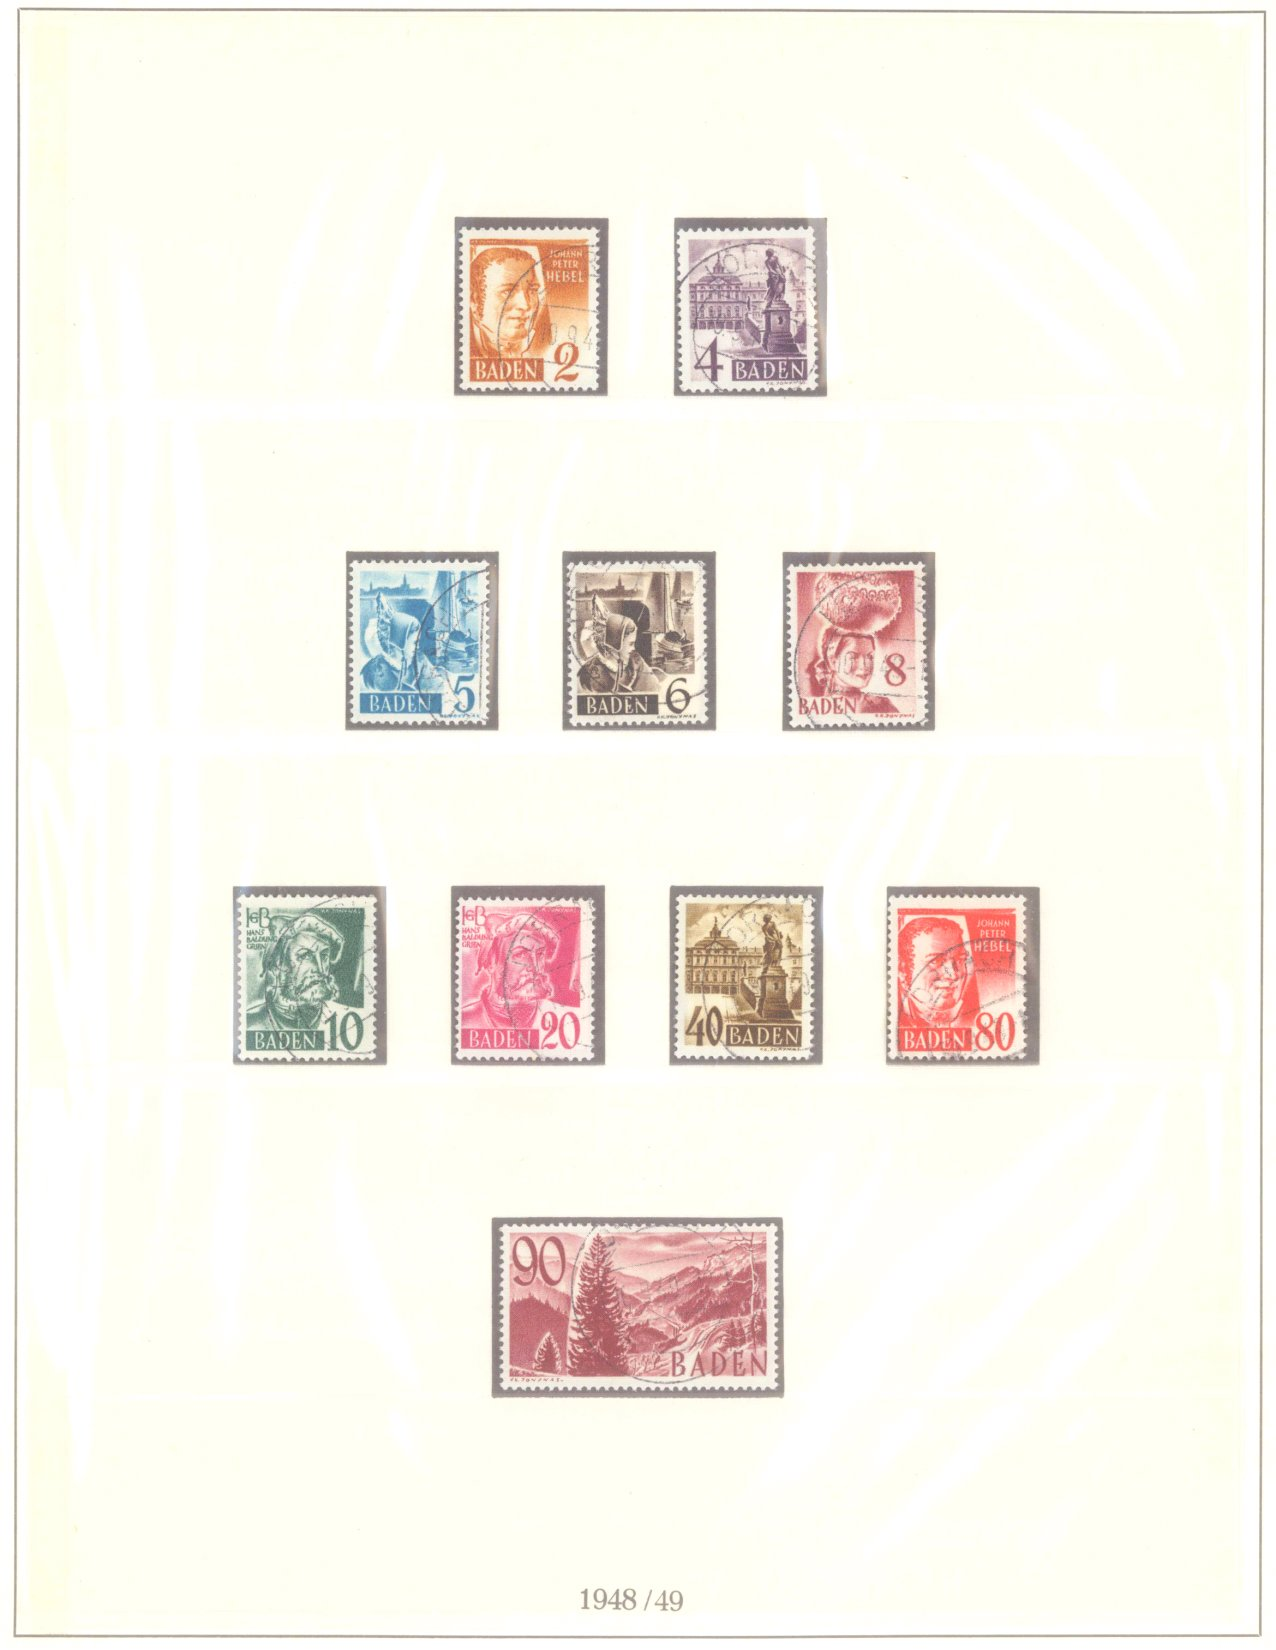 FRANZÖSISCHE ZONE BADEN 1947-1948, Freimarken (I-III)-2